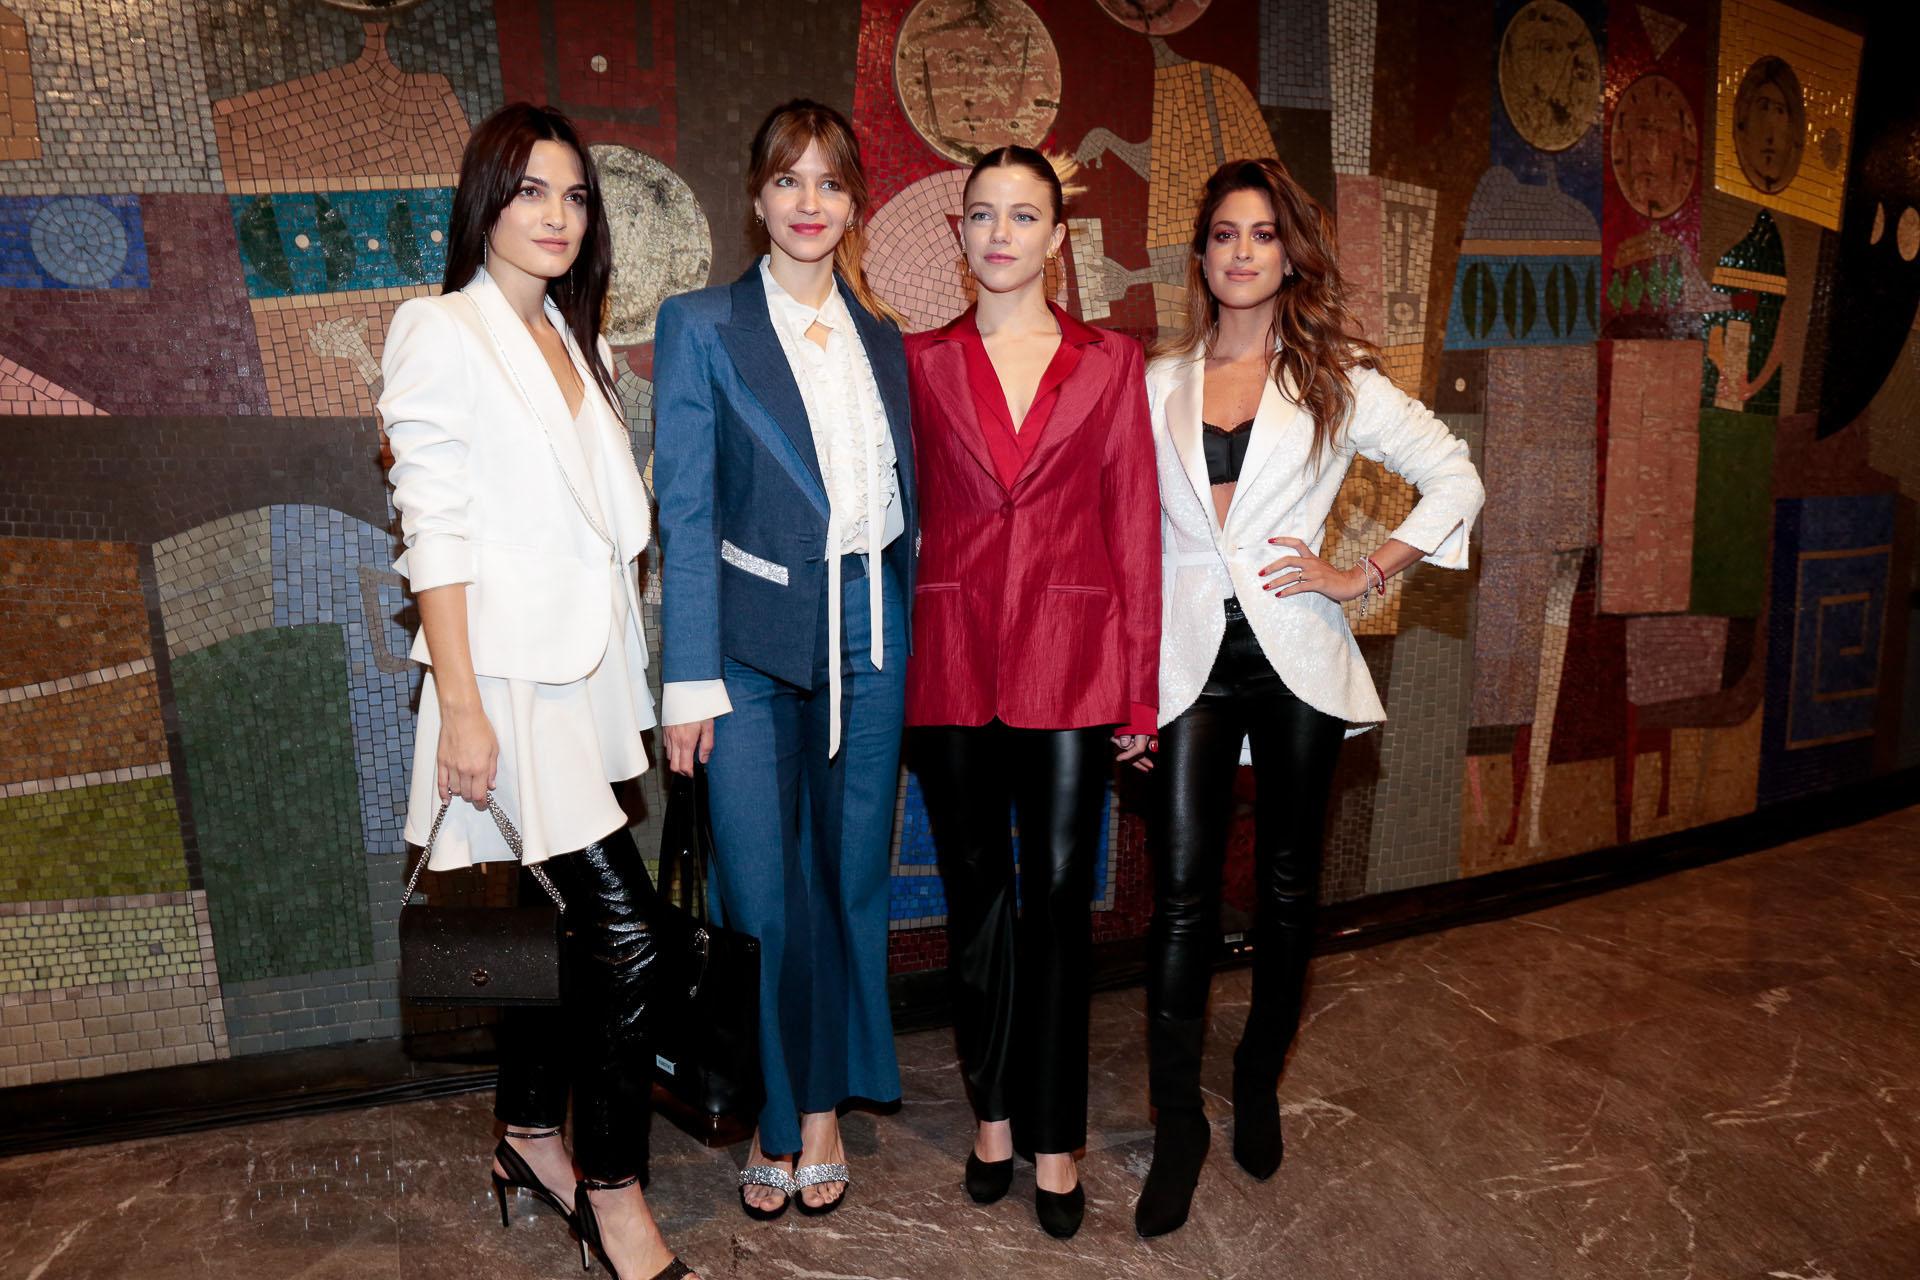 Carla Moure, Marcela Kloosterboer, Justina Bustos y Agustina Casanova